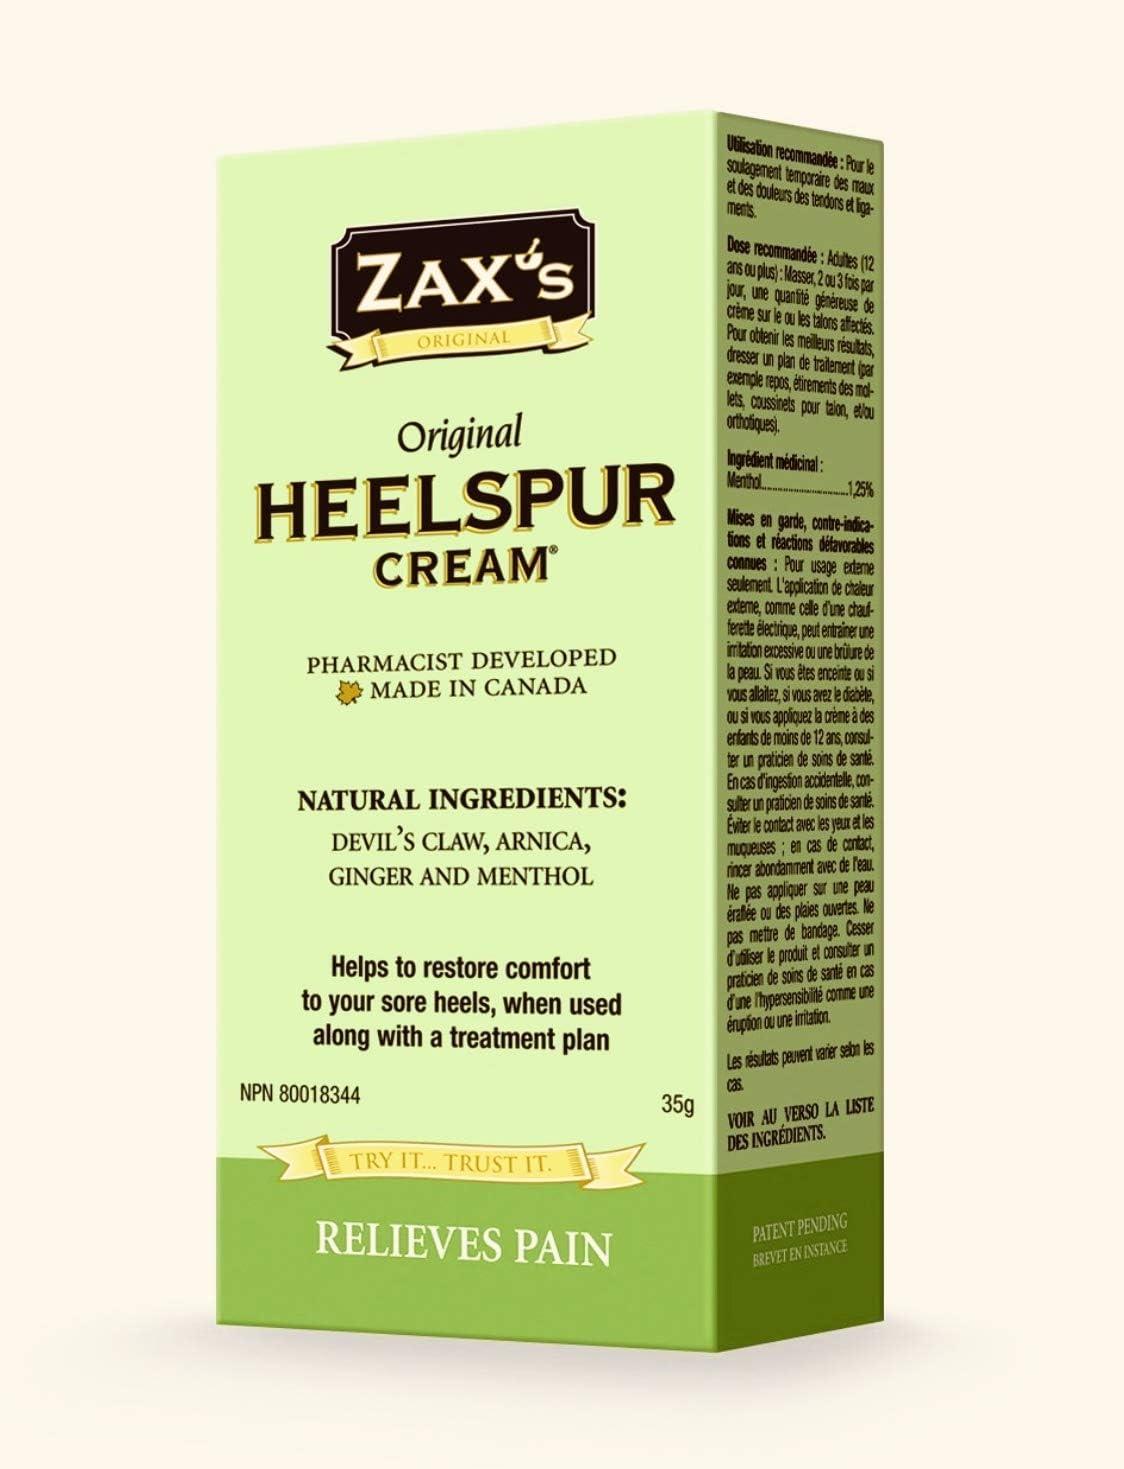 Amazon.com: Original de la Zax heelspur Crema – Top Selling ...